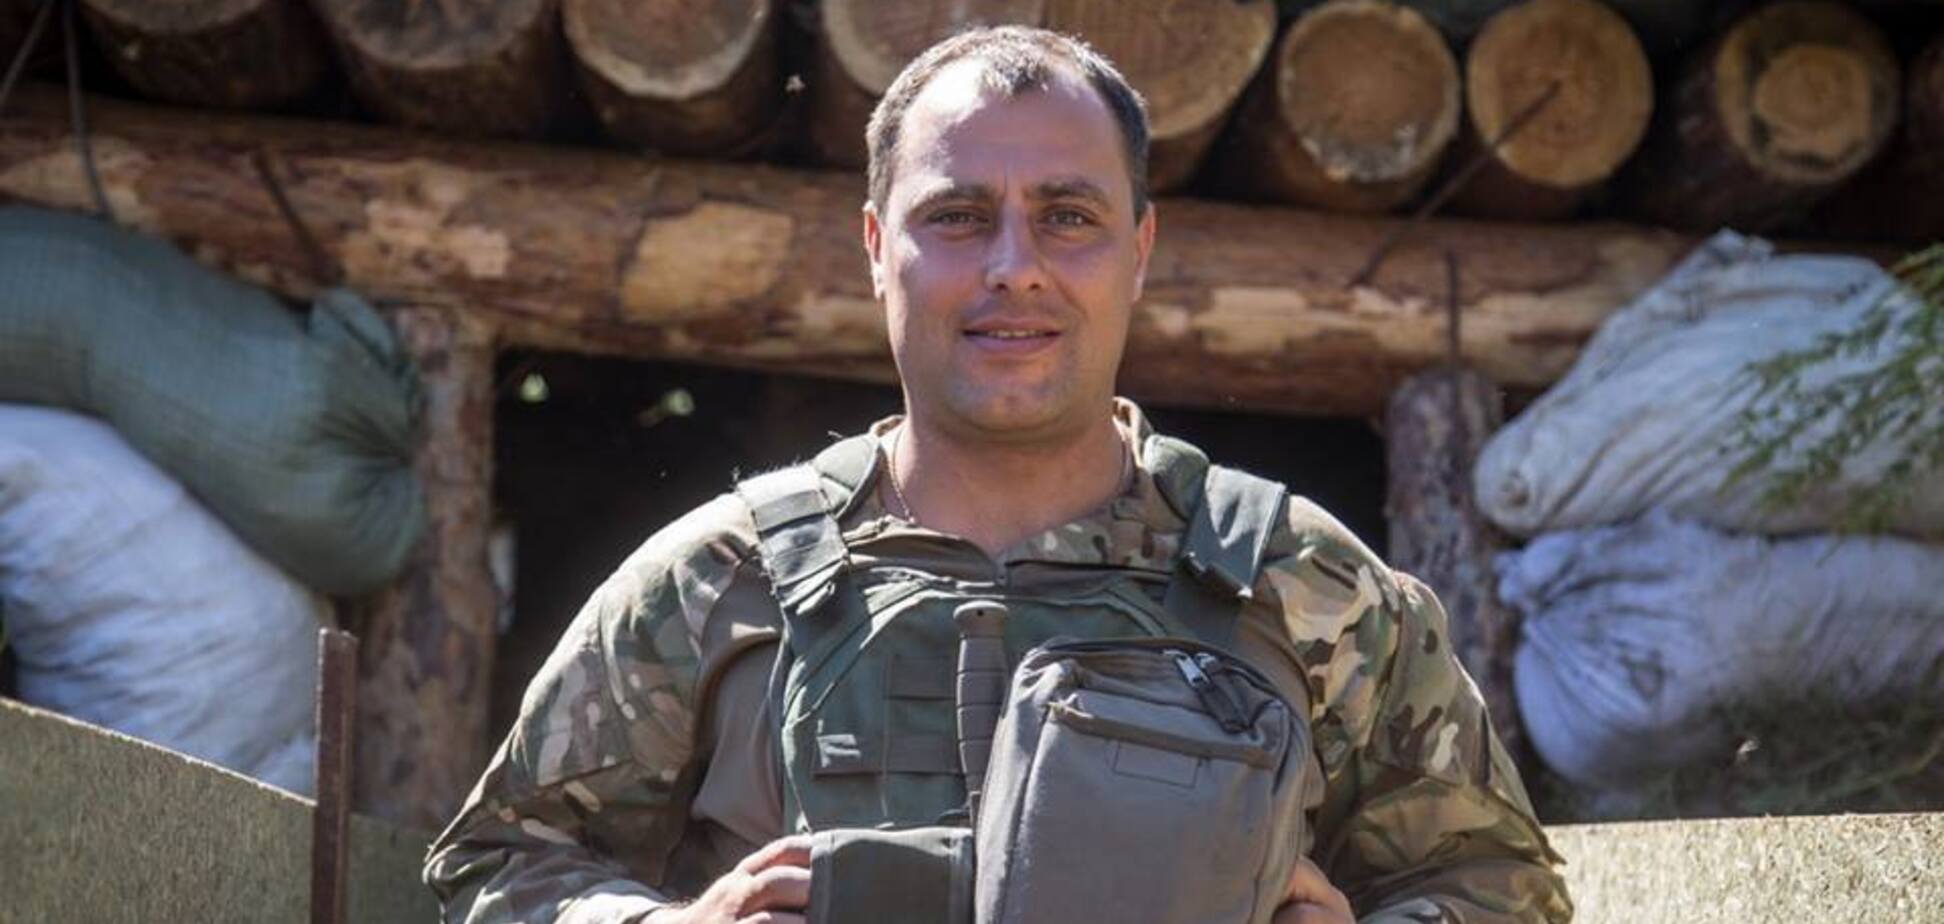 Скандальне відео начальника УДО з 'Моторолою': волонтер розповів про його 'подвиг'